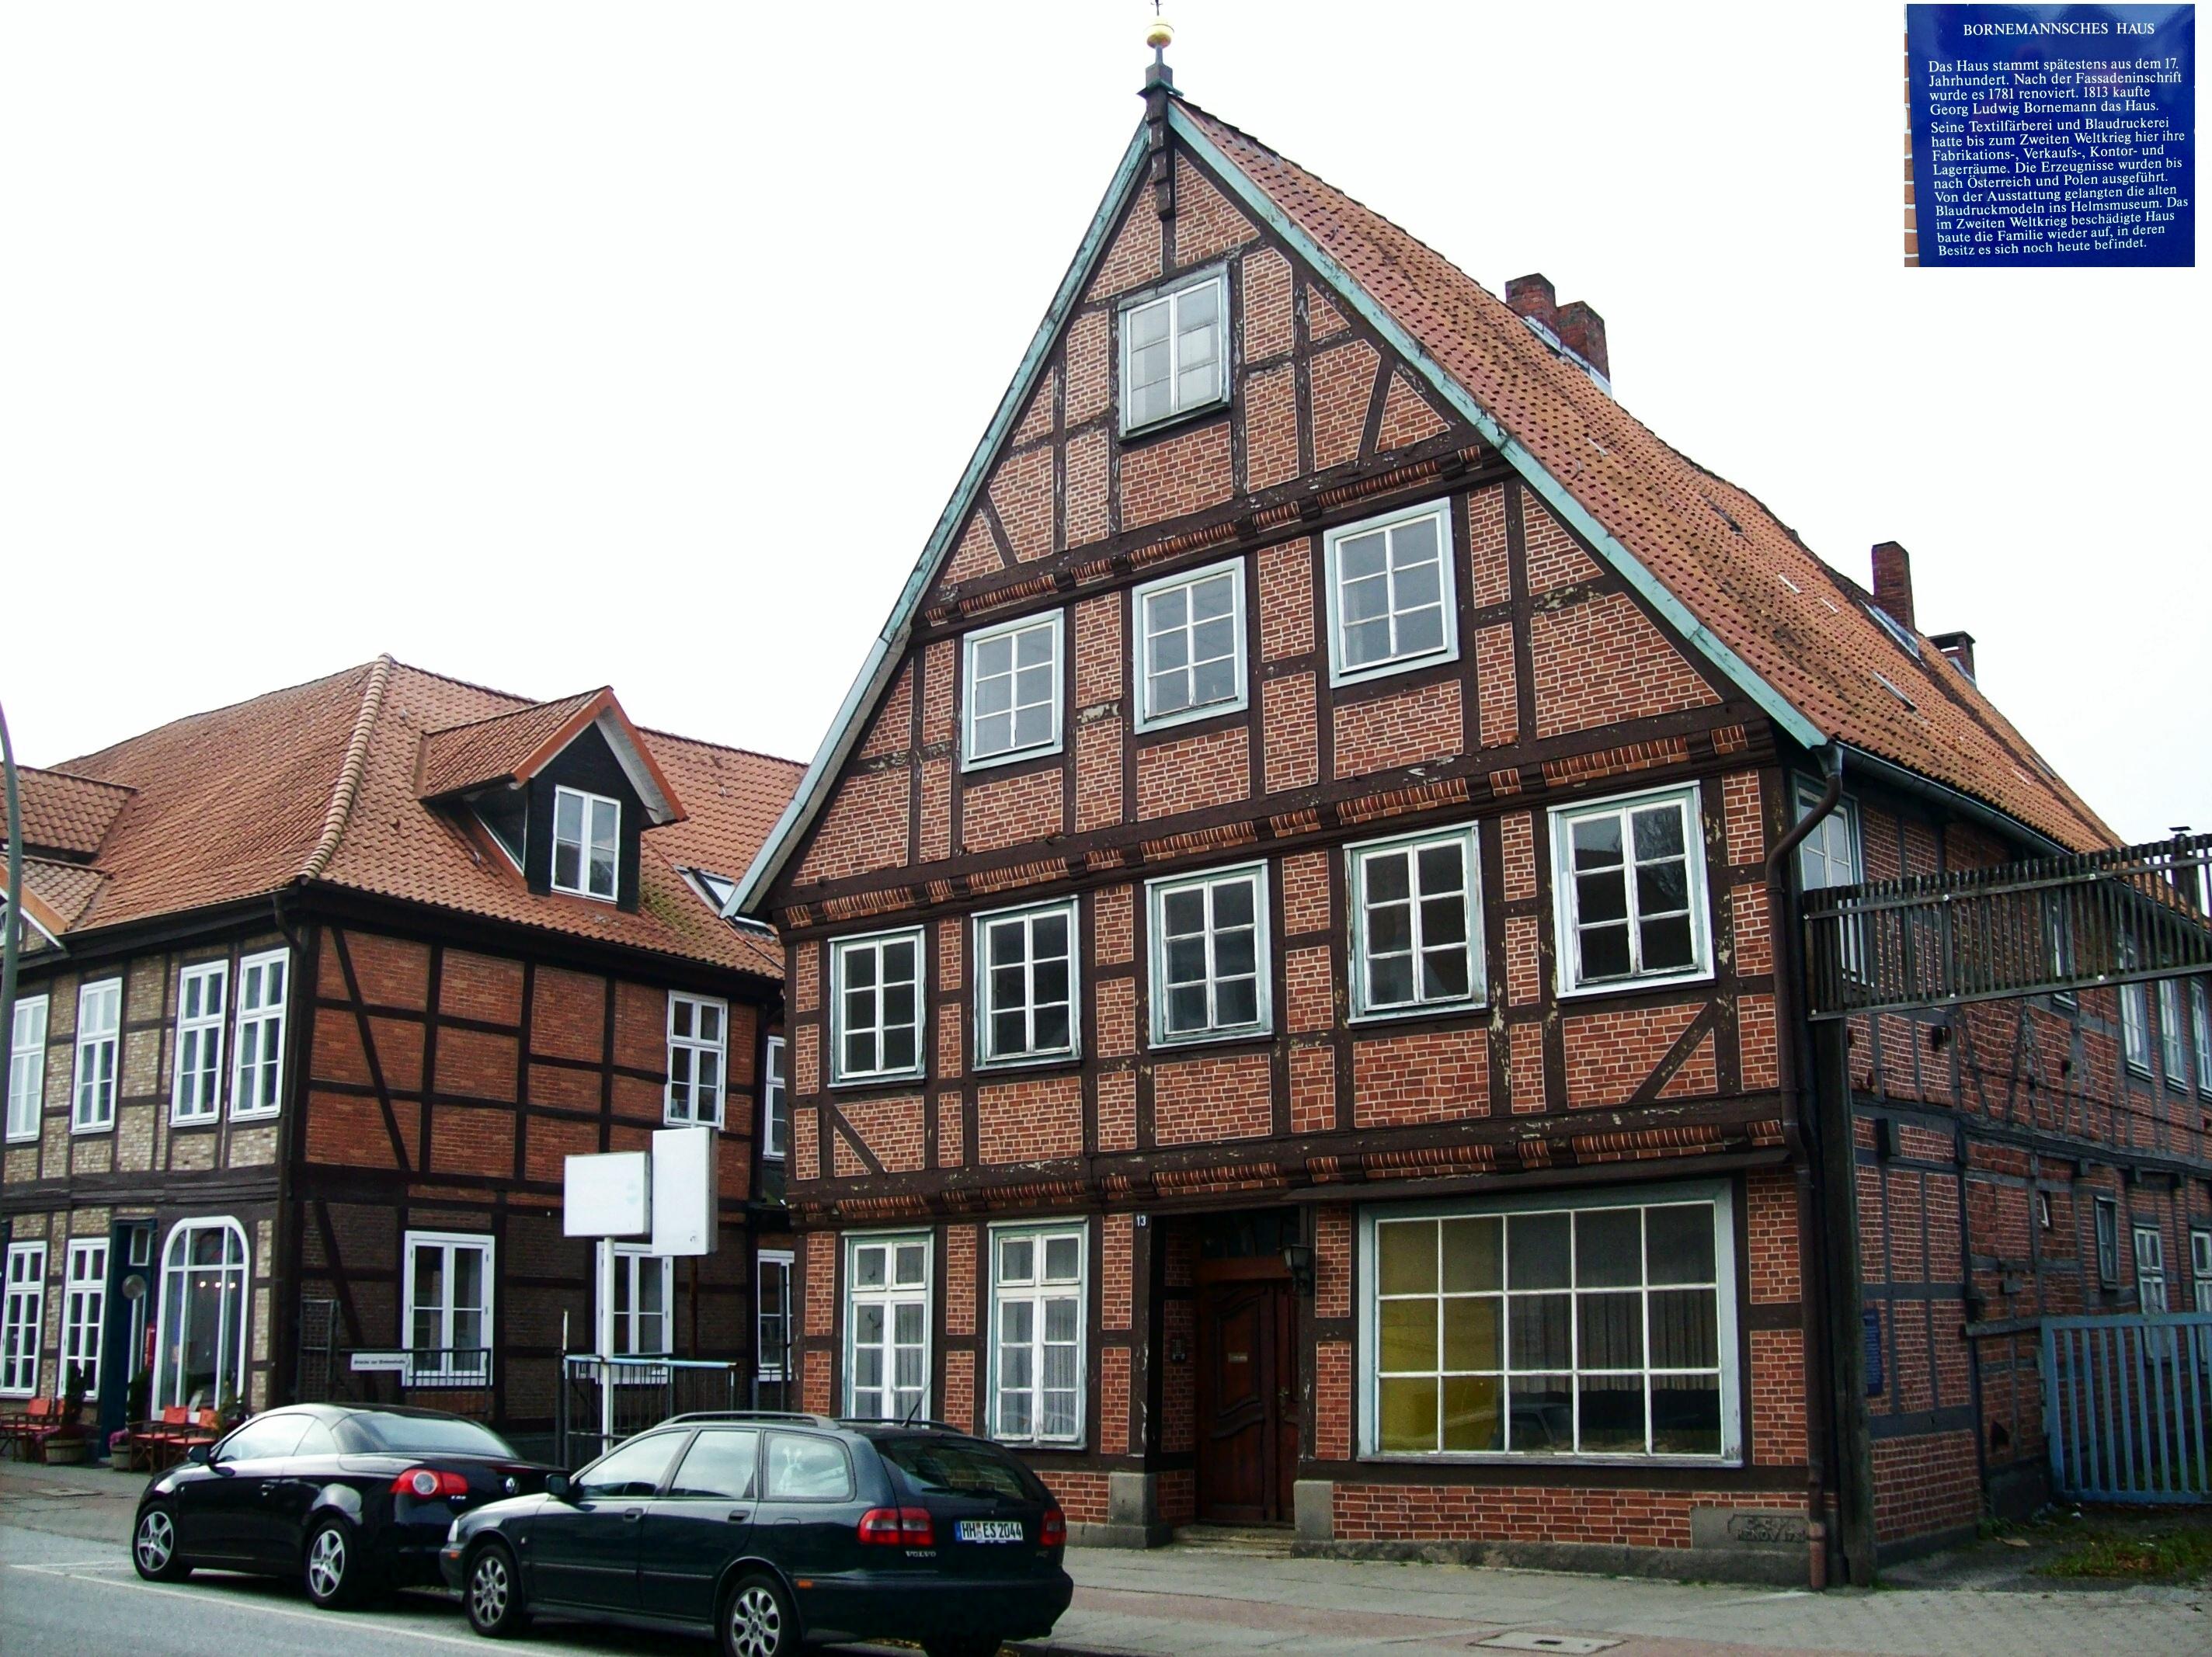 File:Harburg, Hamburg, Germany - panoramio (13).jpg - Wikimedia Commons